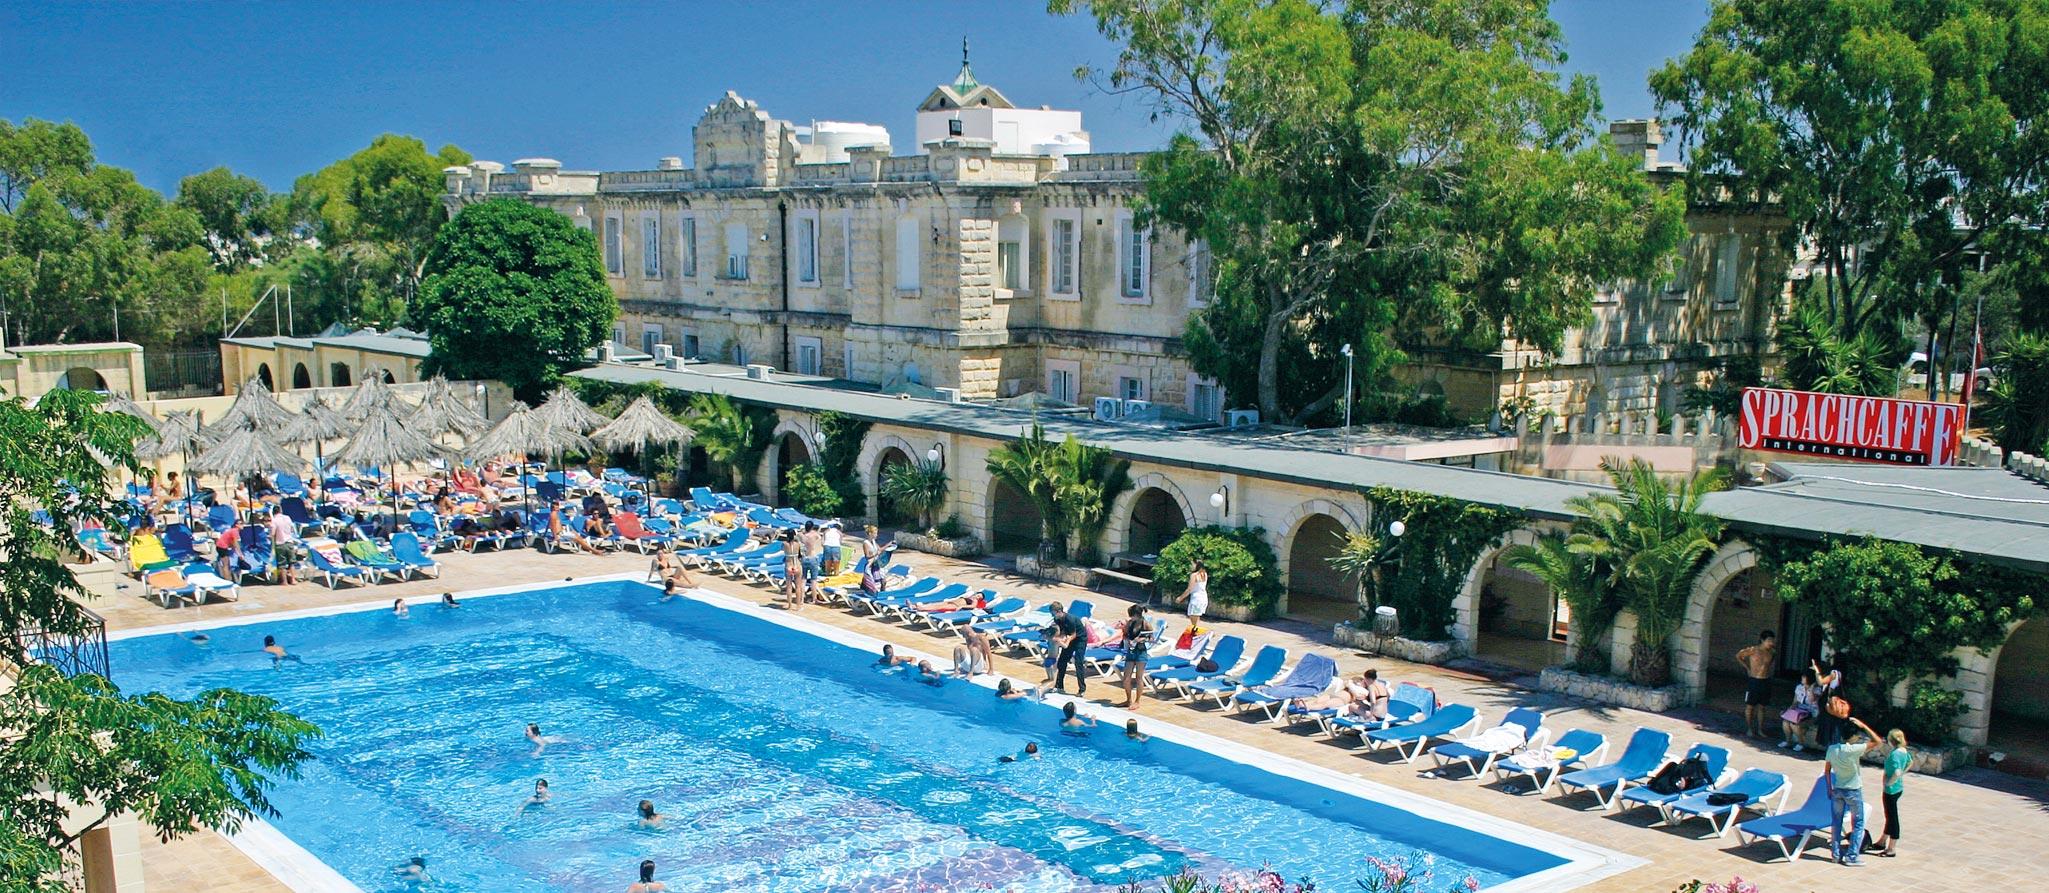 โปรโมชั่น Summer มอลต้า เรียนต่อมอลต้า ท่องเที่ยวมอลต้า Study in Malta Travel in Malta วีซ่านักเรียนมอลต้า เรียนต่อต่างประเทศ แนะแนวศึกษาต่อ เดอะเบสท์